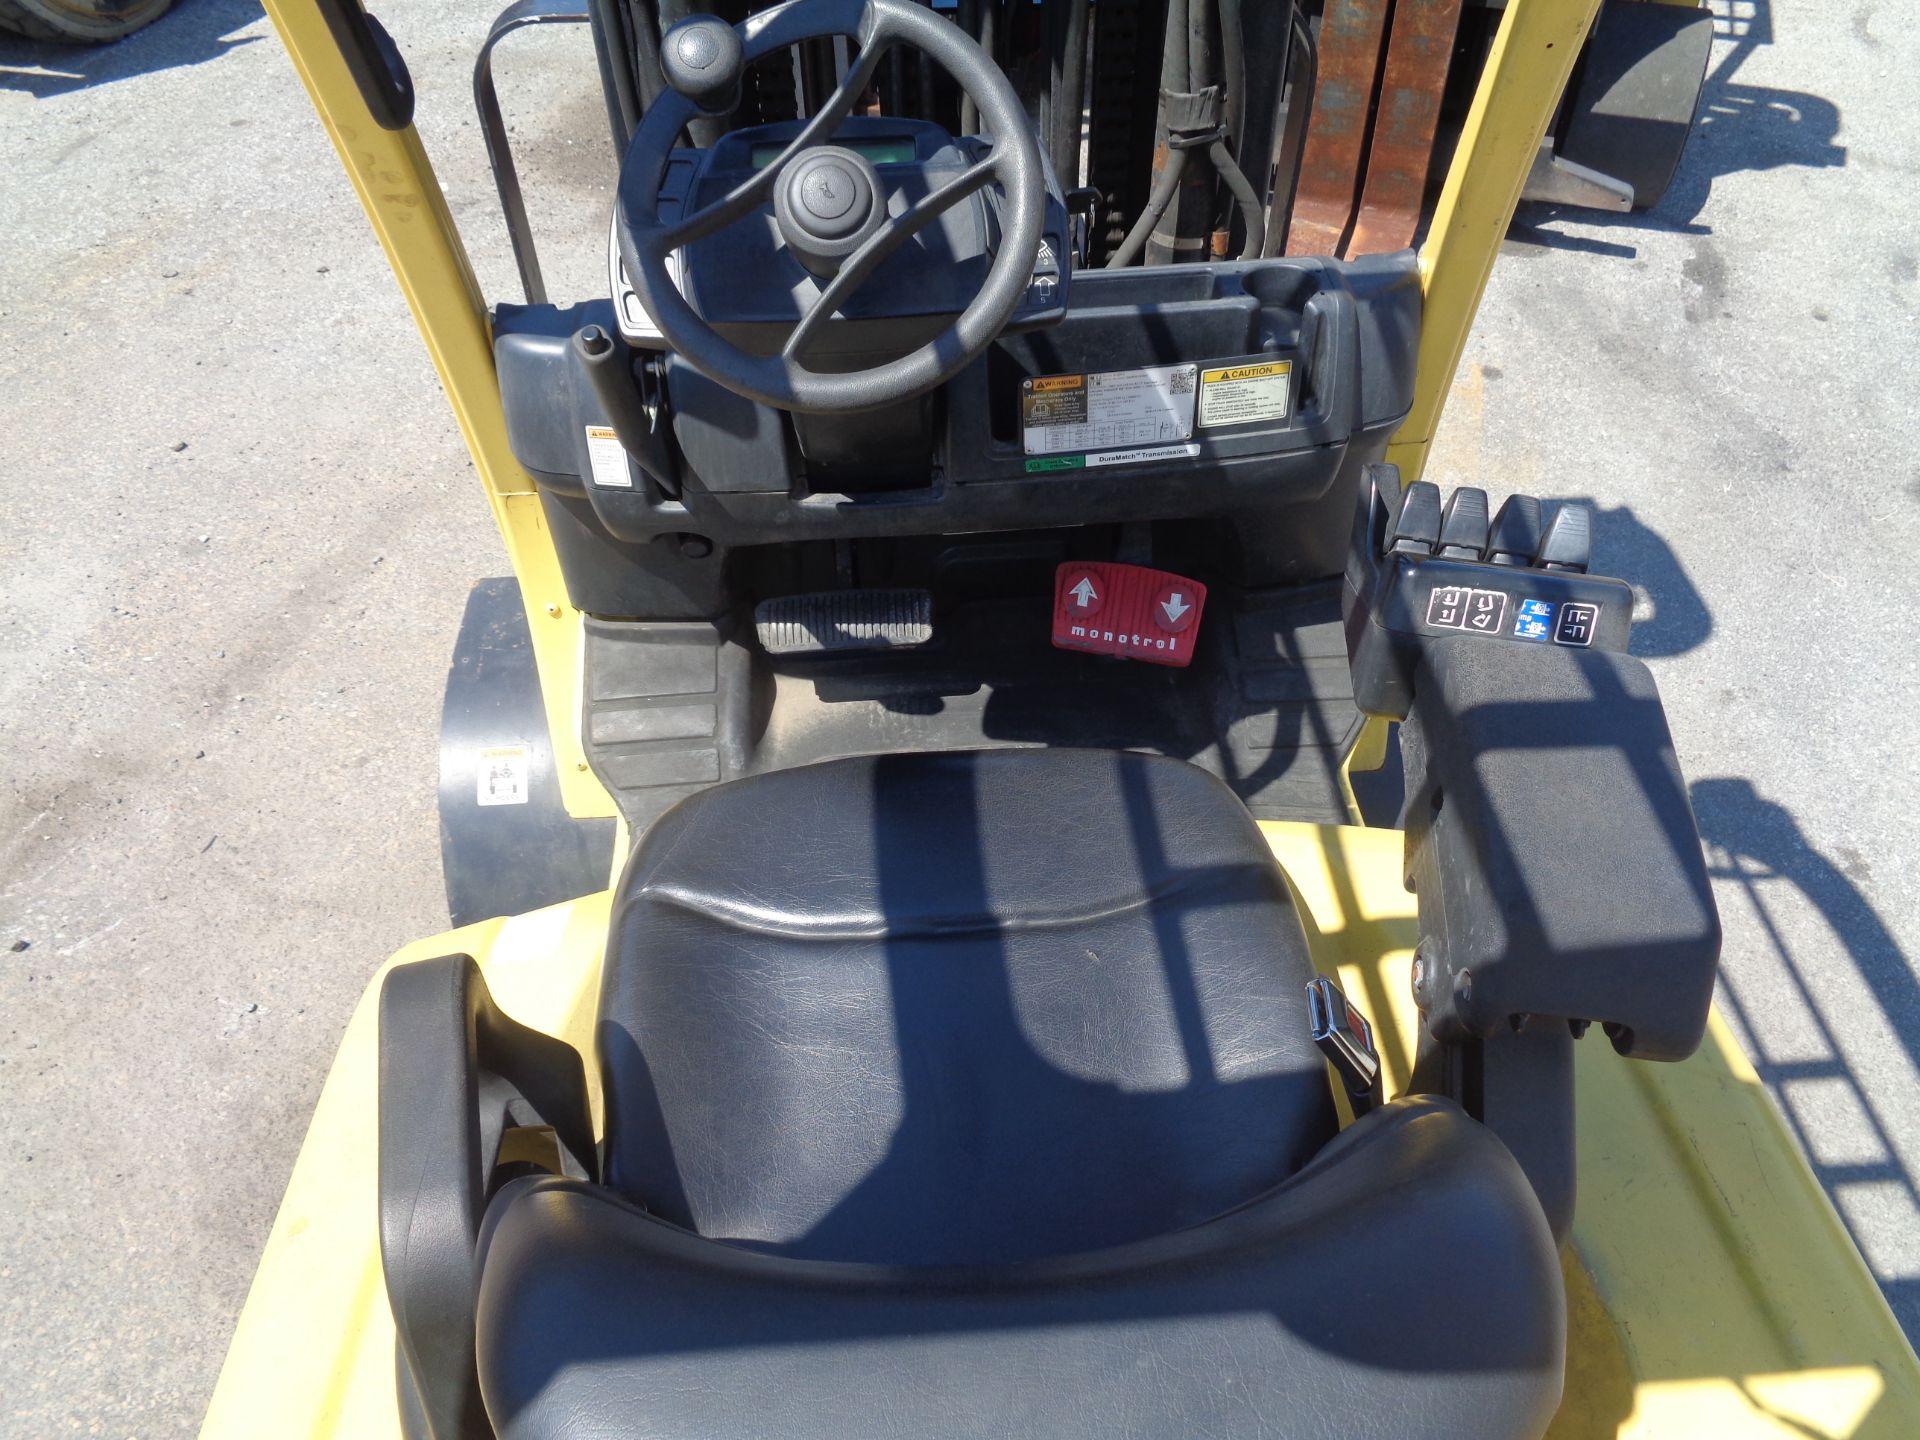 Hyster S100FT 10,000lb Forklift - Image 18 of 19